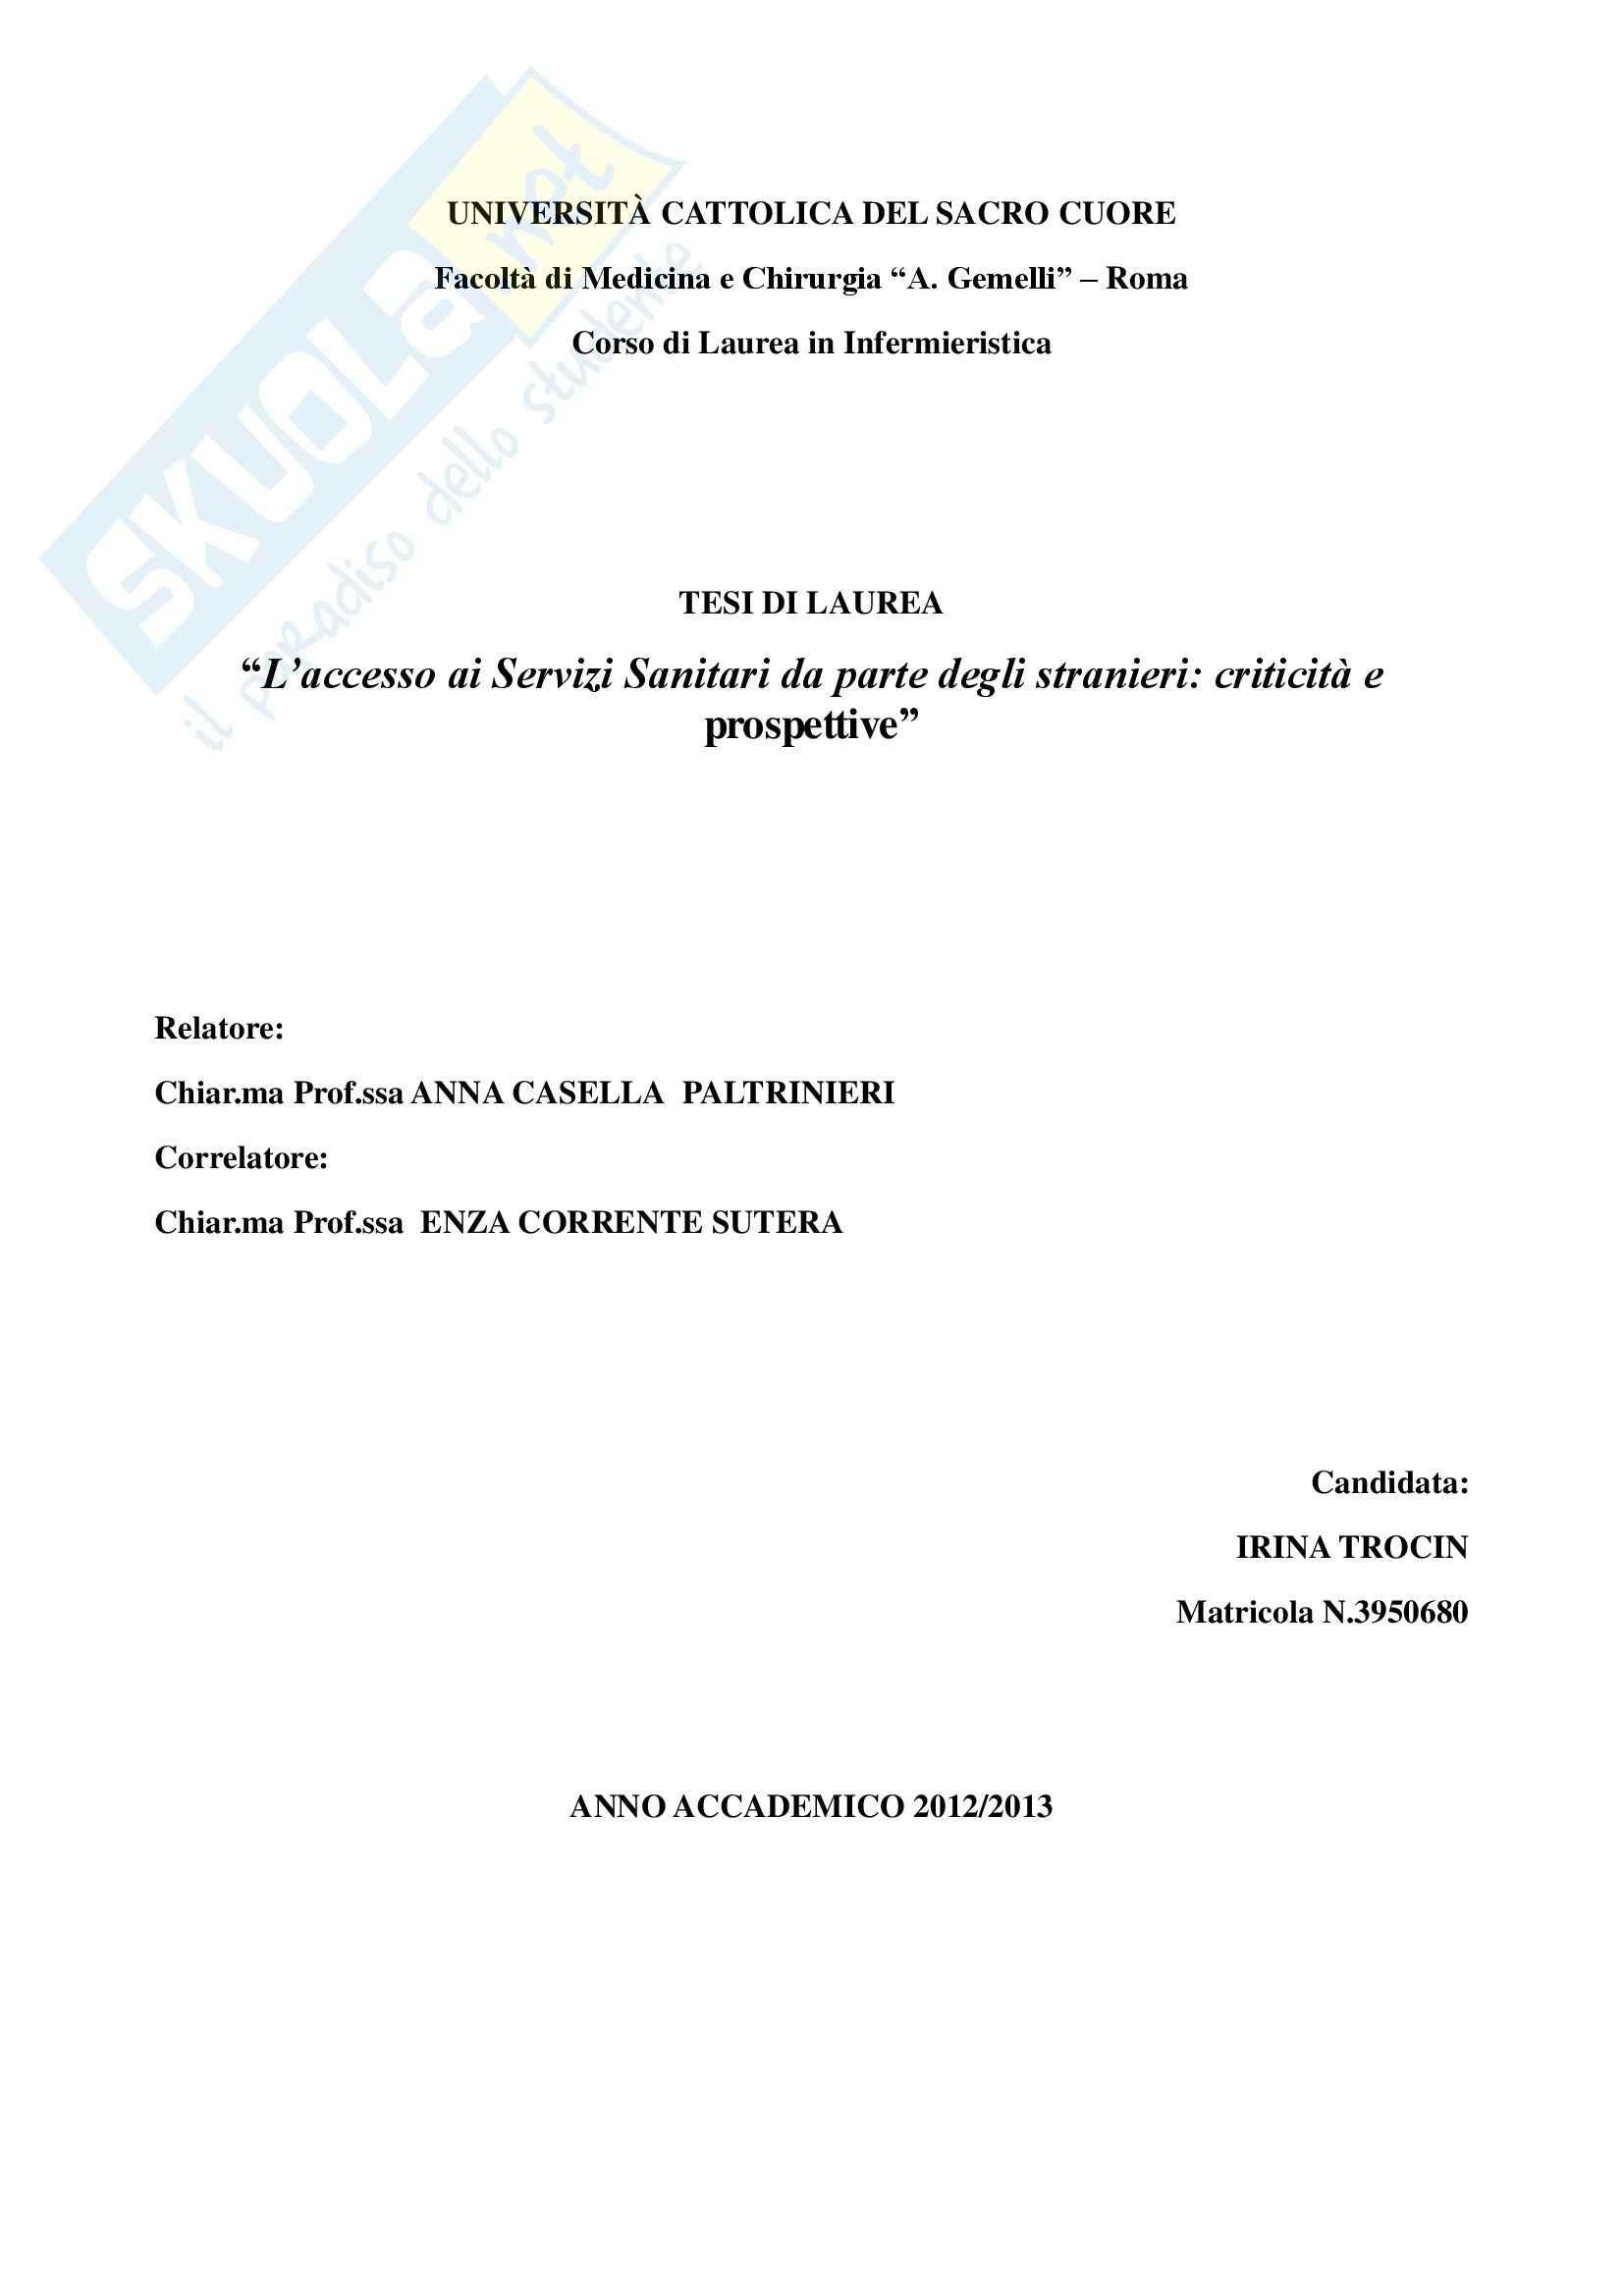 Tesi - L'accesso ai Servizi Sanitari da parte degli stranieri: criticità e prospettive